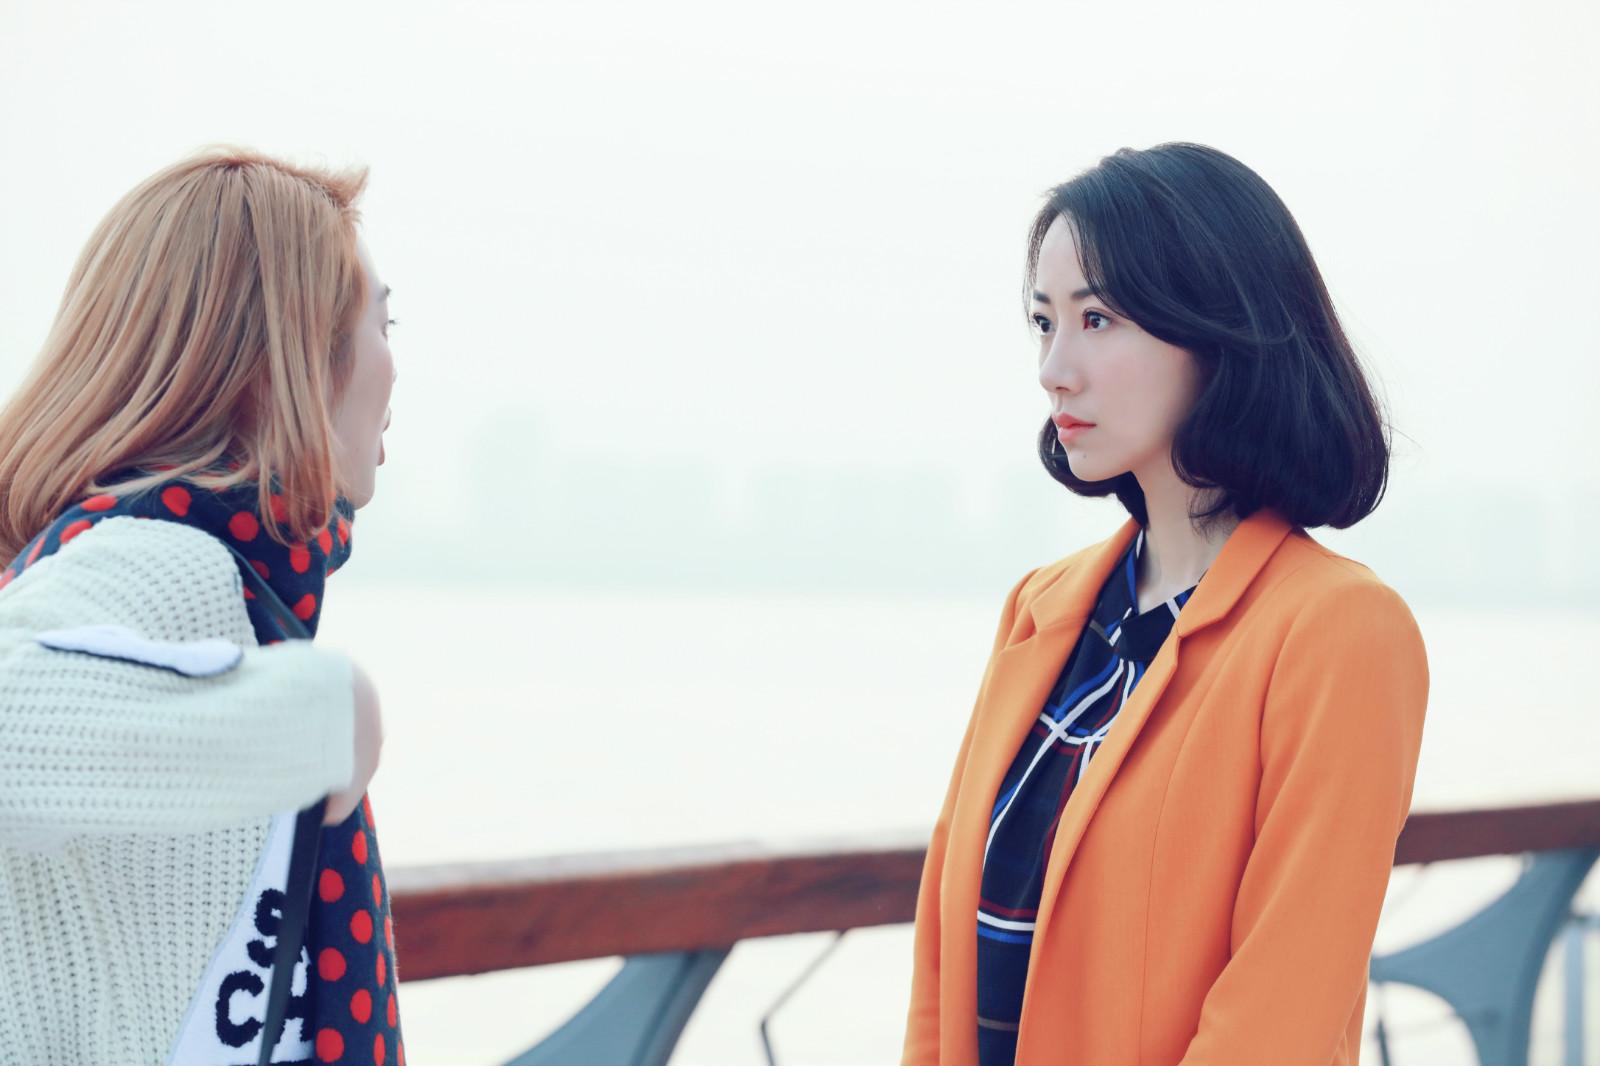 """《婚姻历险记》姜黎初亮相 韩雪演绎引网友""""想娶"""""""